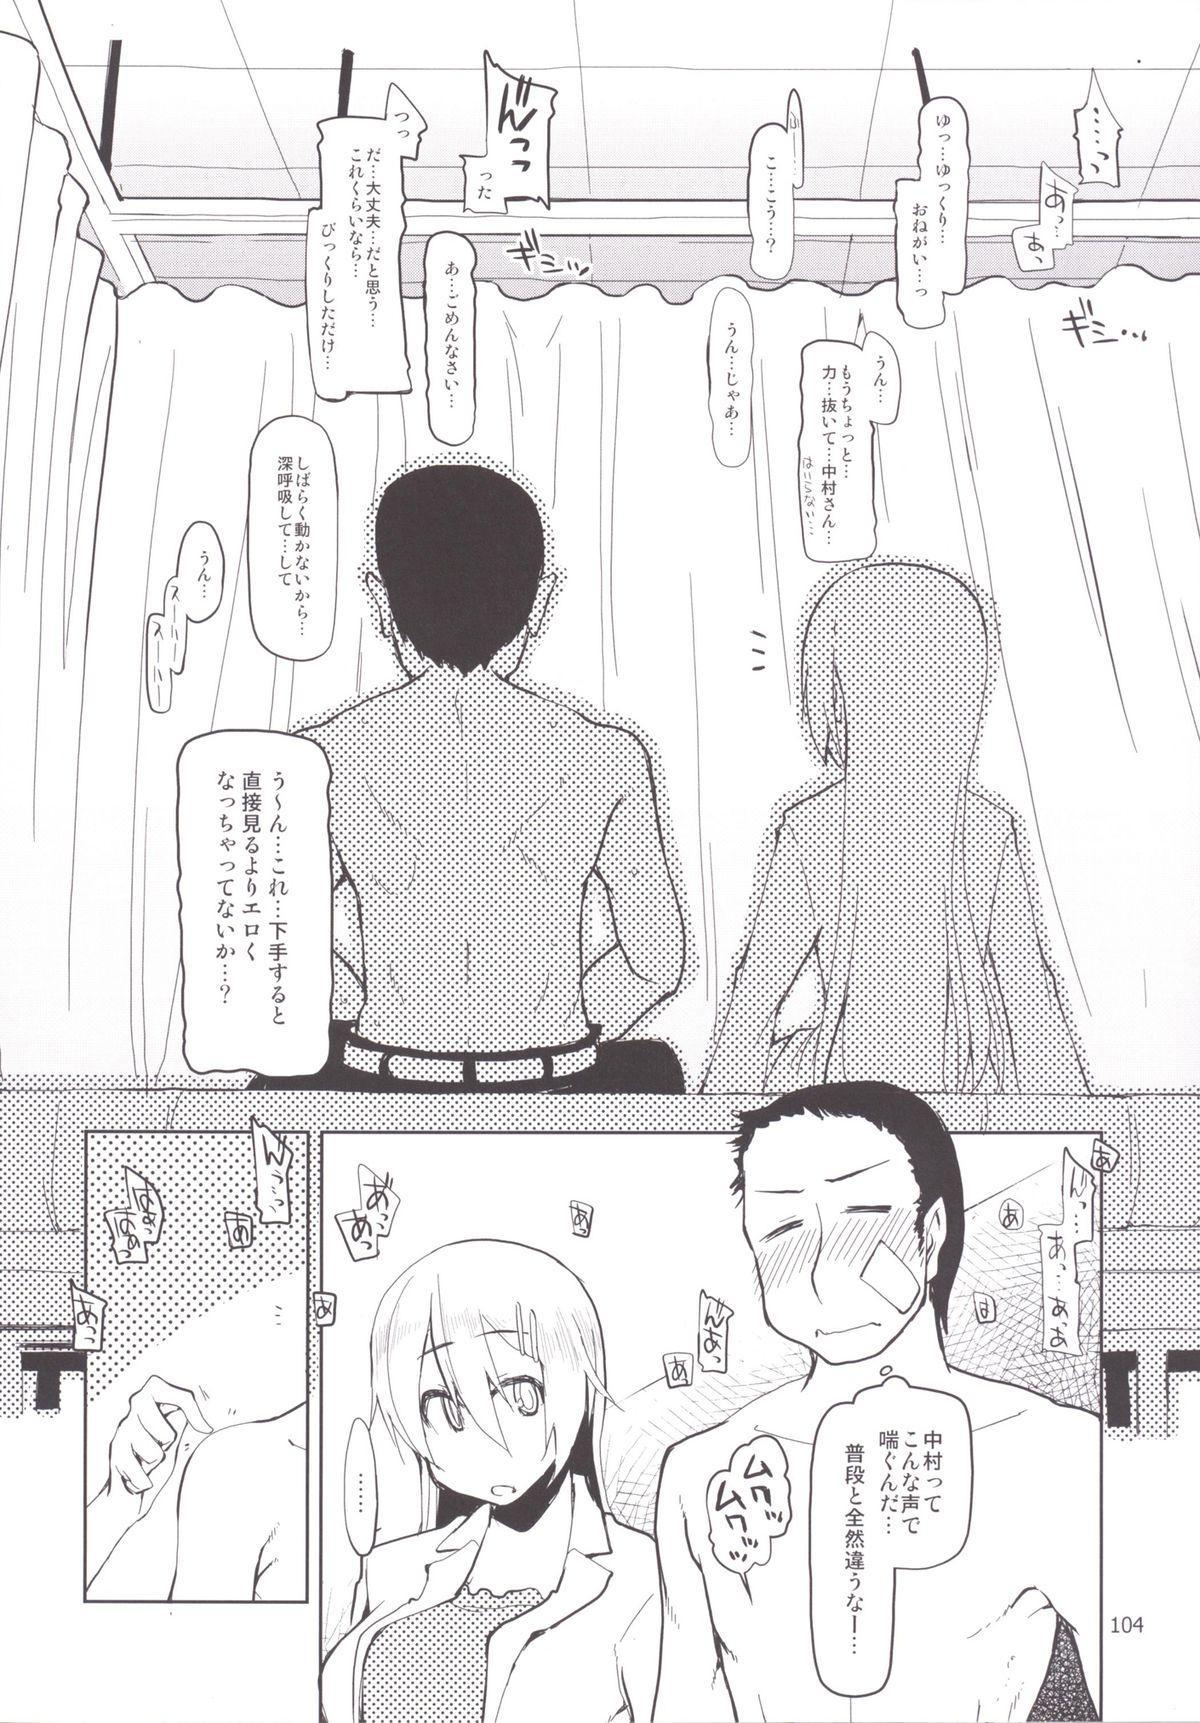 Natsuzuka-san no Himitsu. Soushuuhen Kouhen 7